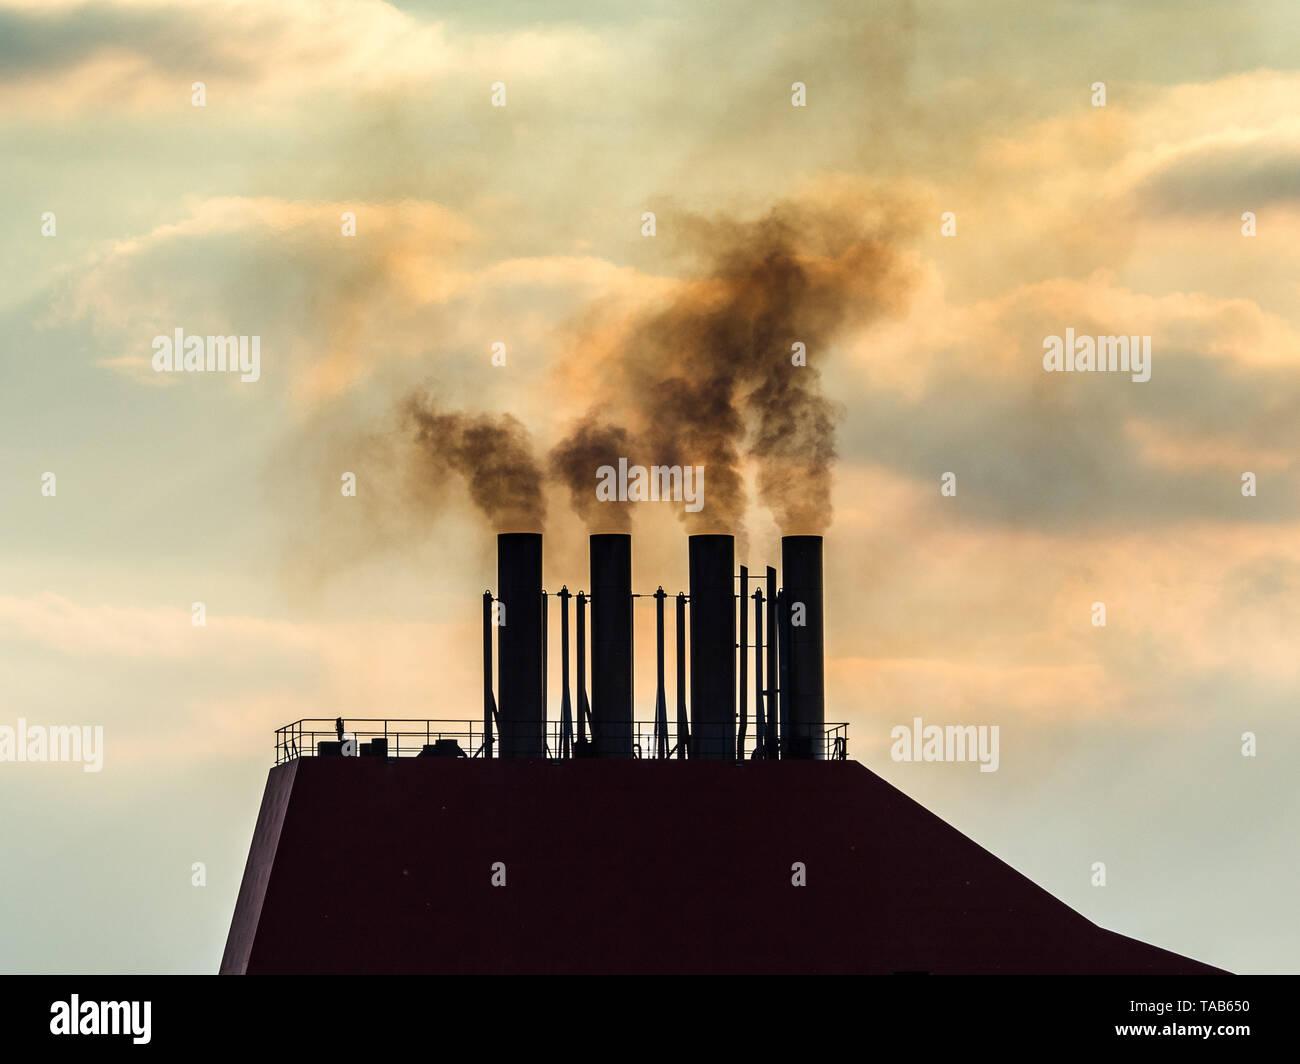 Nave Imbuto di scarico - Inquinamento provocato dalle navi - fumo dalla nave container Immagini Stock